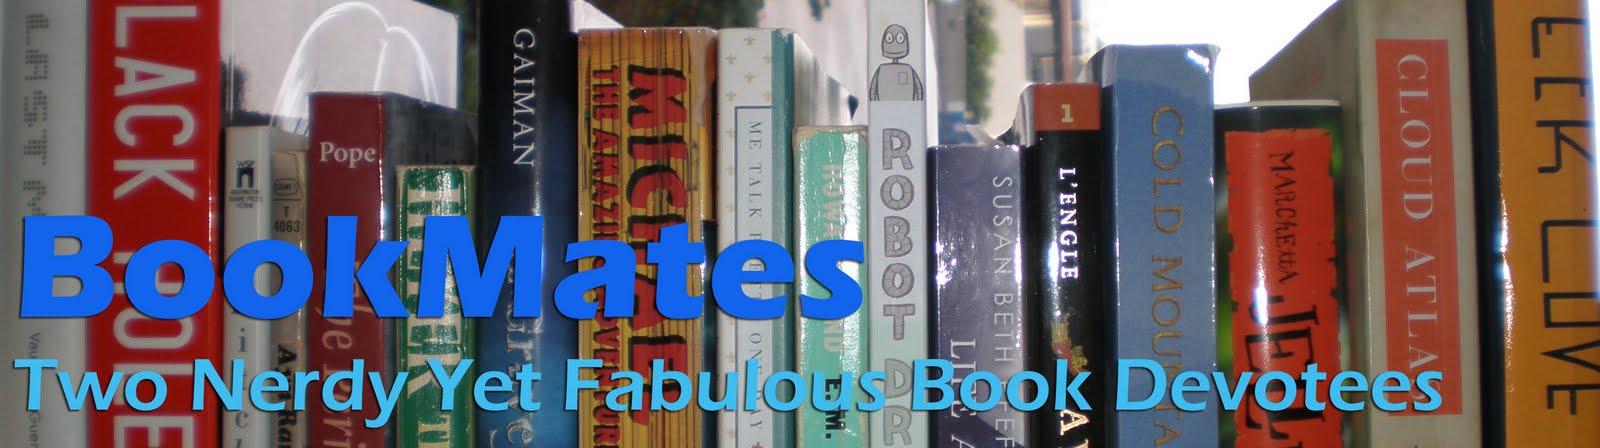 BookMates